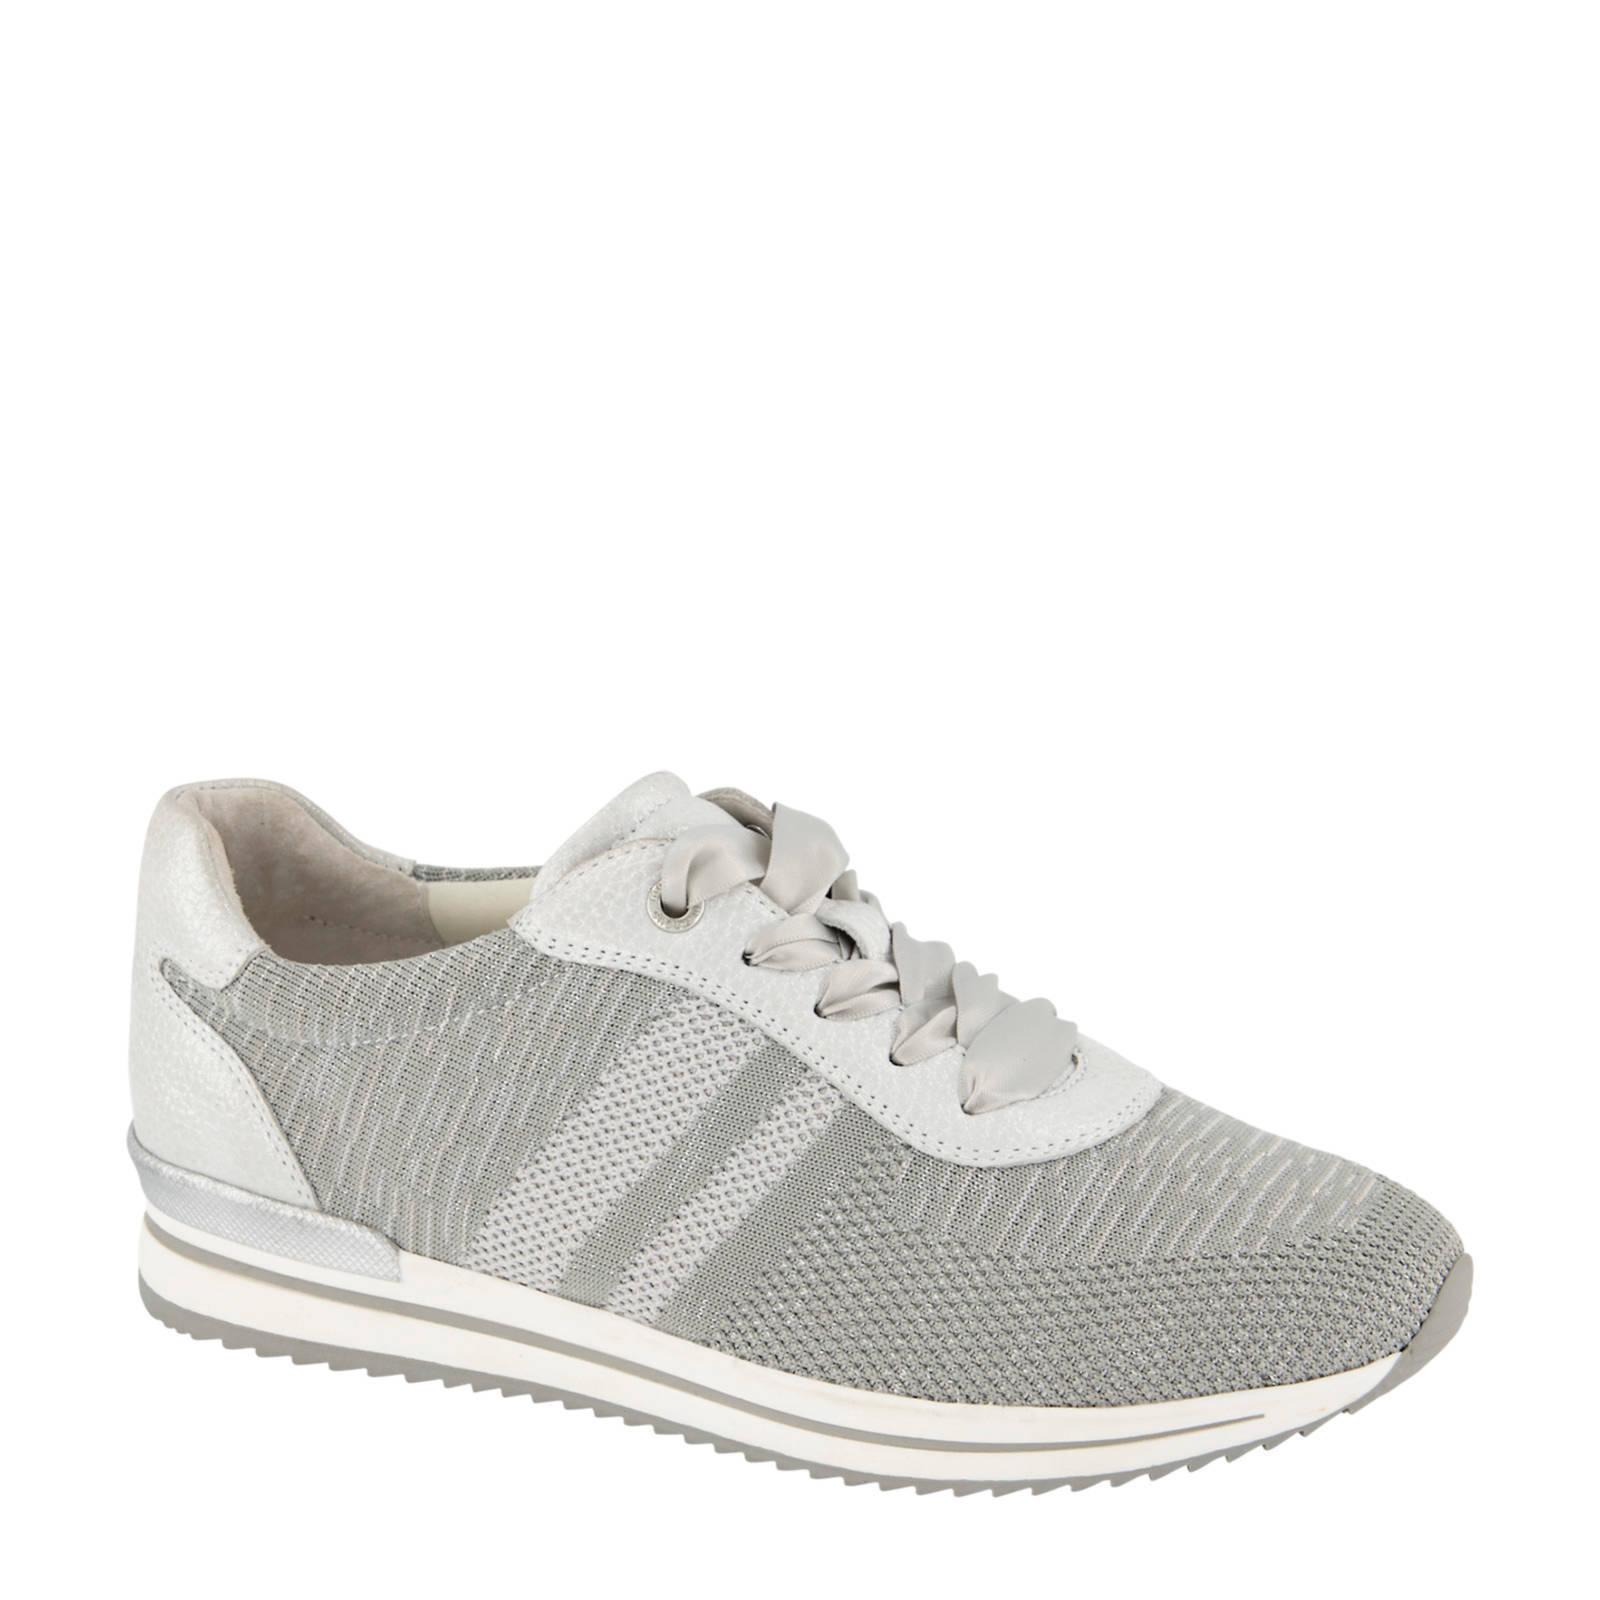 Dames Medicus Sneakers online kopen? Vergelijk op Schoenen.nl